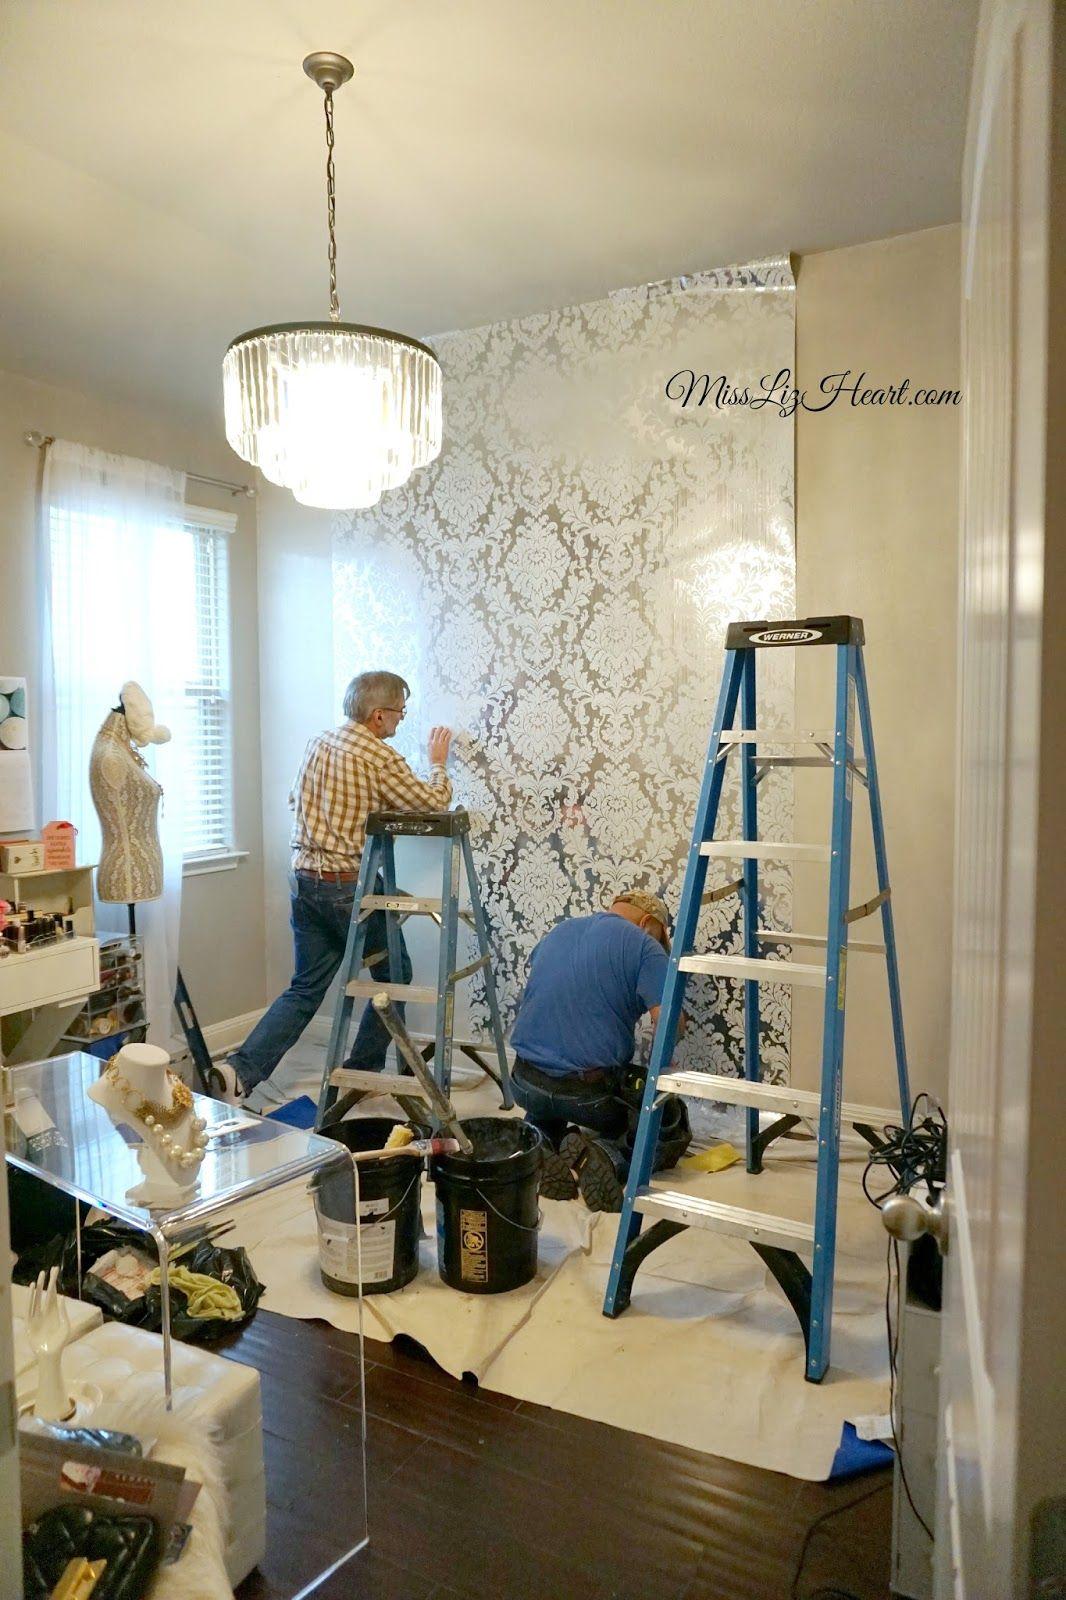 New Wallpaper! Makeup Room Update | Room update, Makeup room, Glam ...